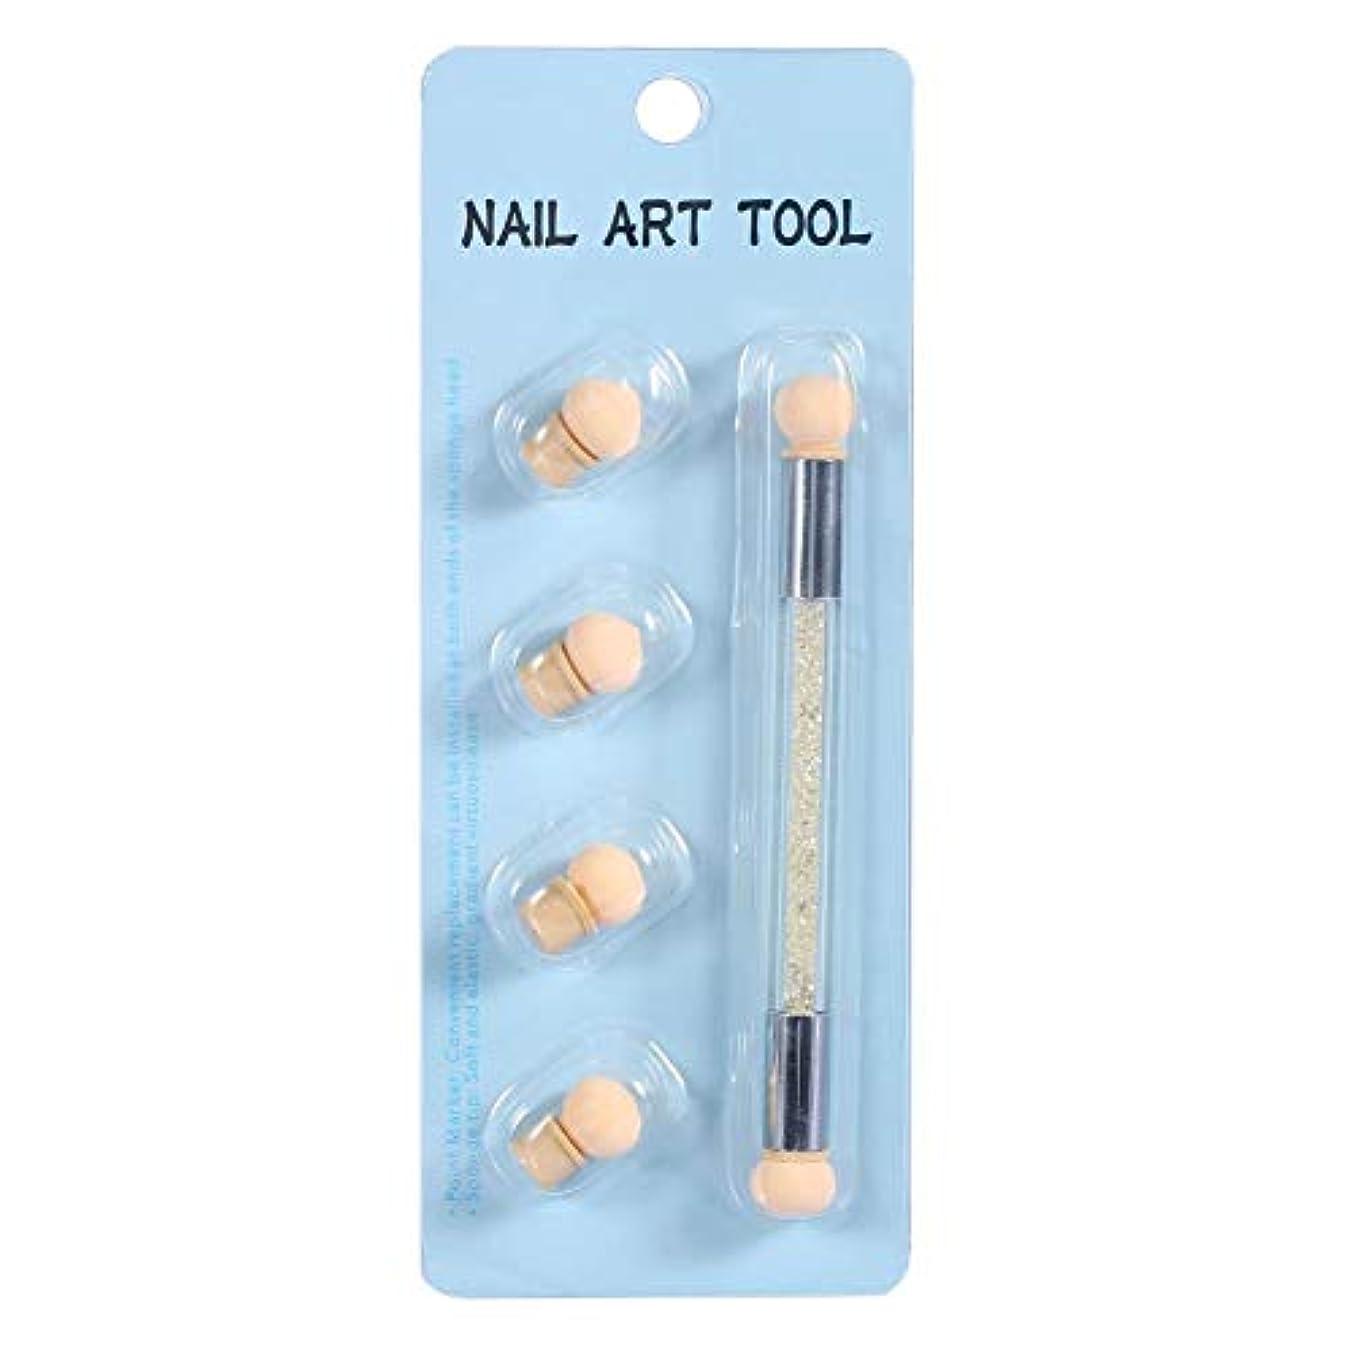 幹以前はレシピネイルアート 4個 交換用 スポンジヘッド ネイルアートスポンジブラシ ネイル筆 ドットペン